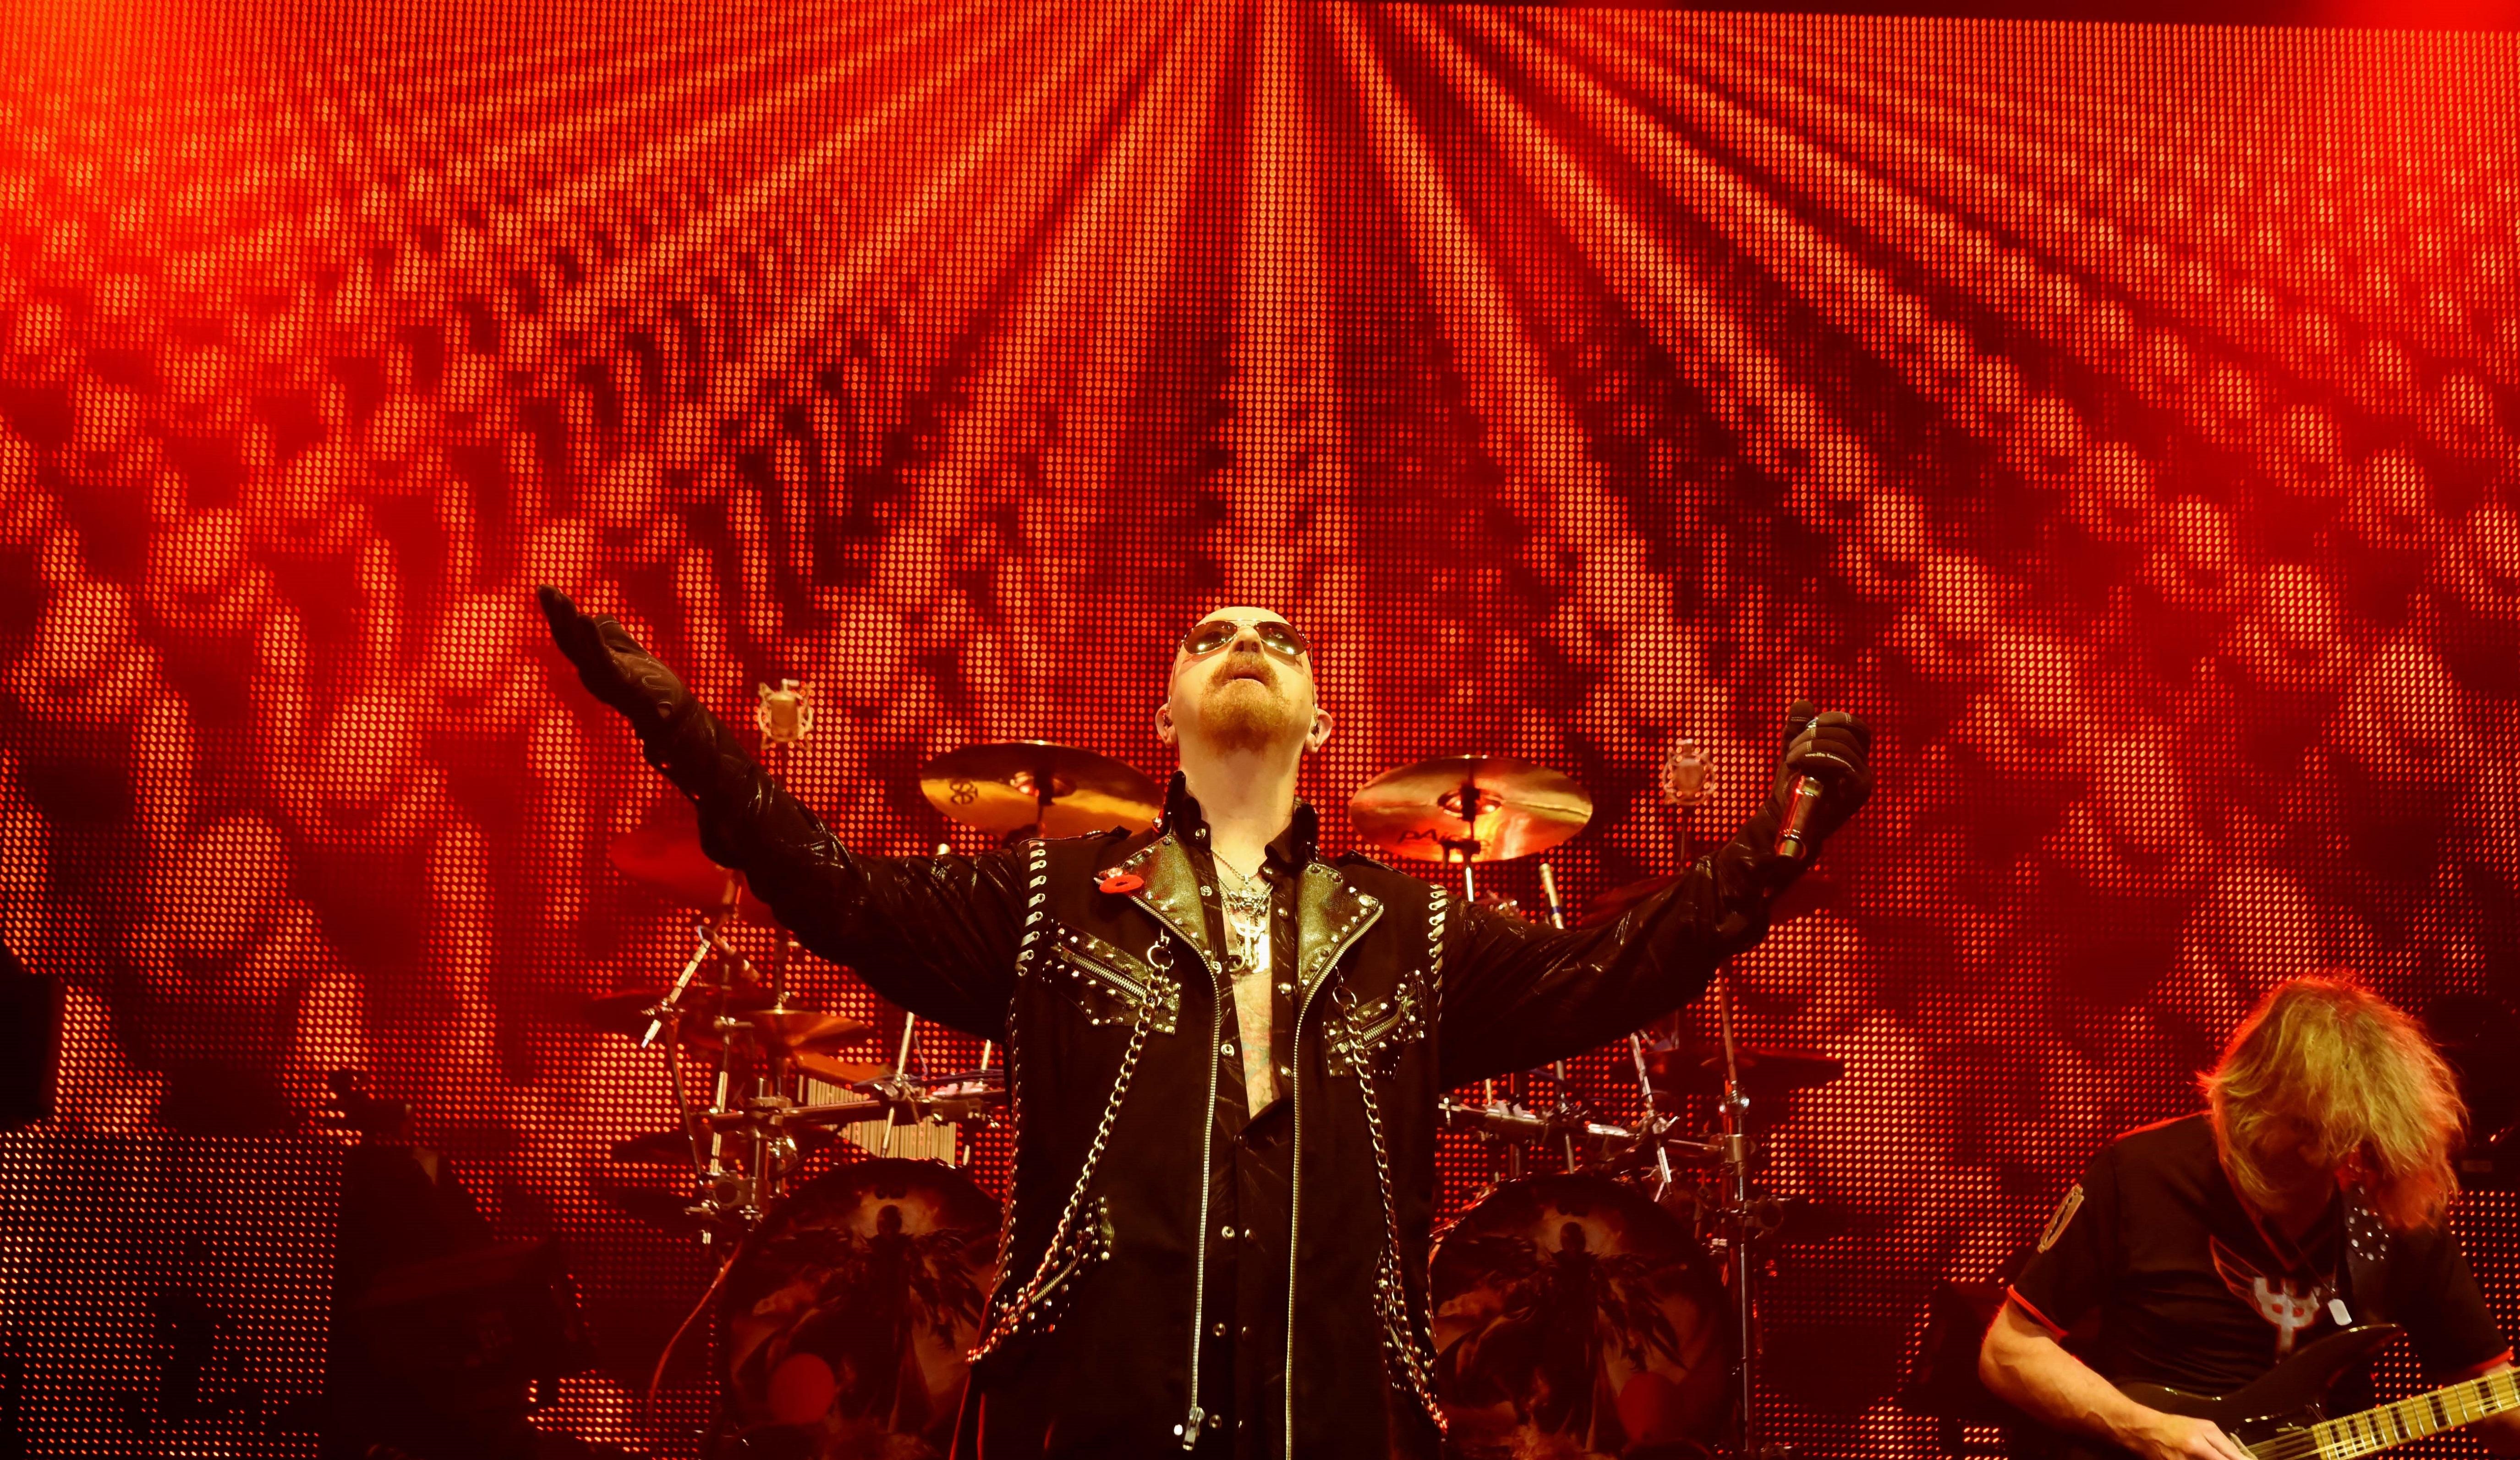 Pictures Of Judas Priest